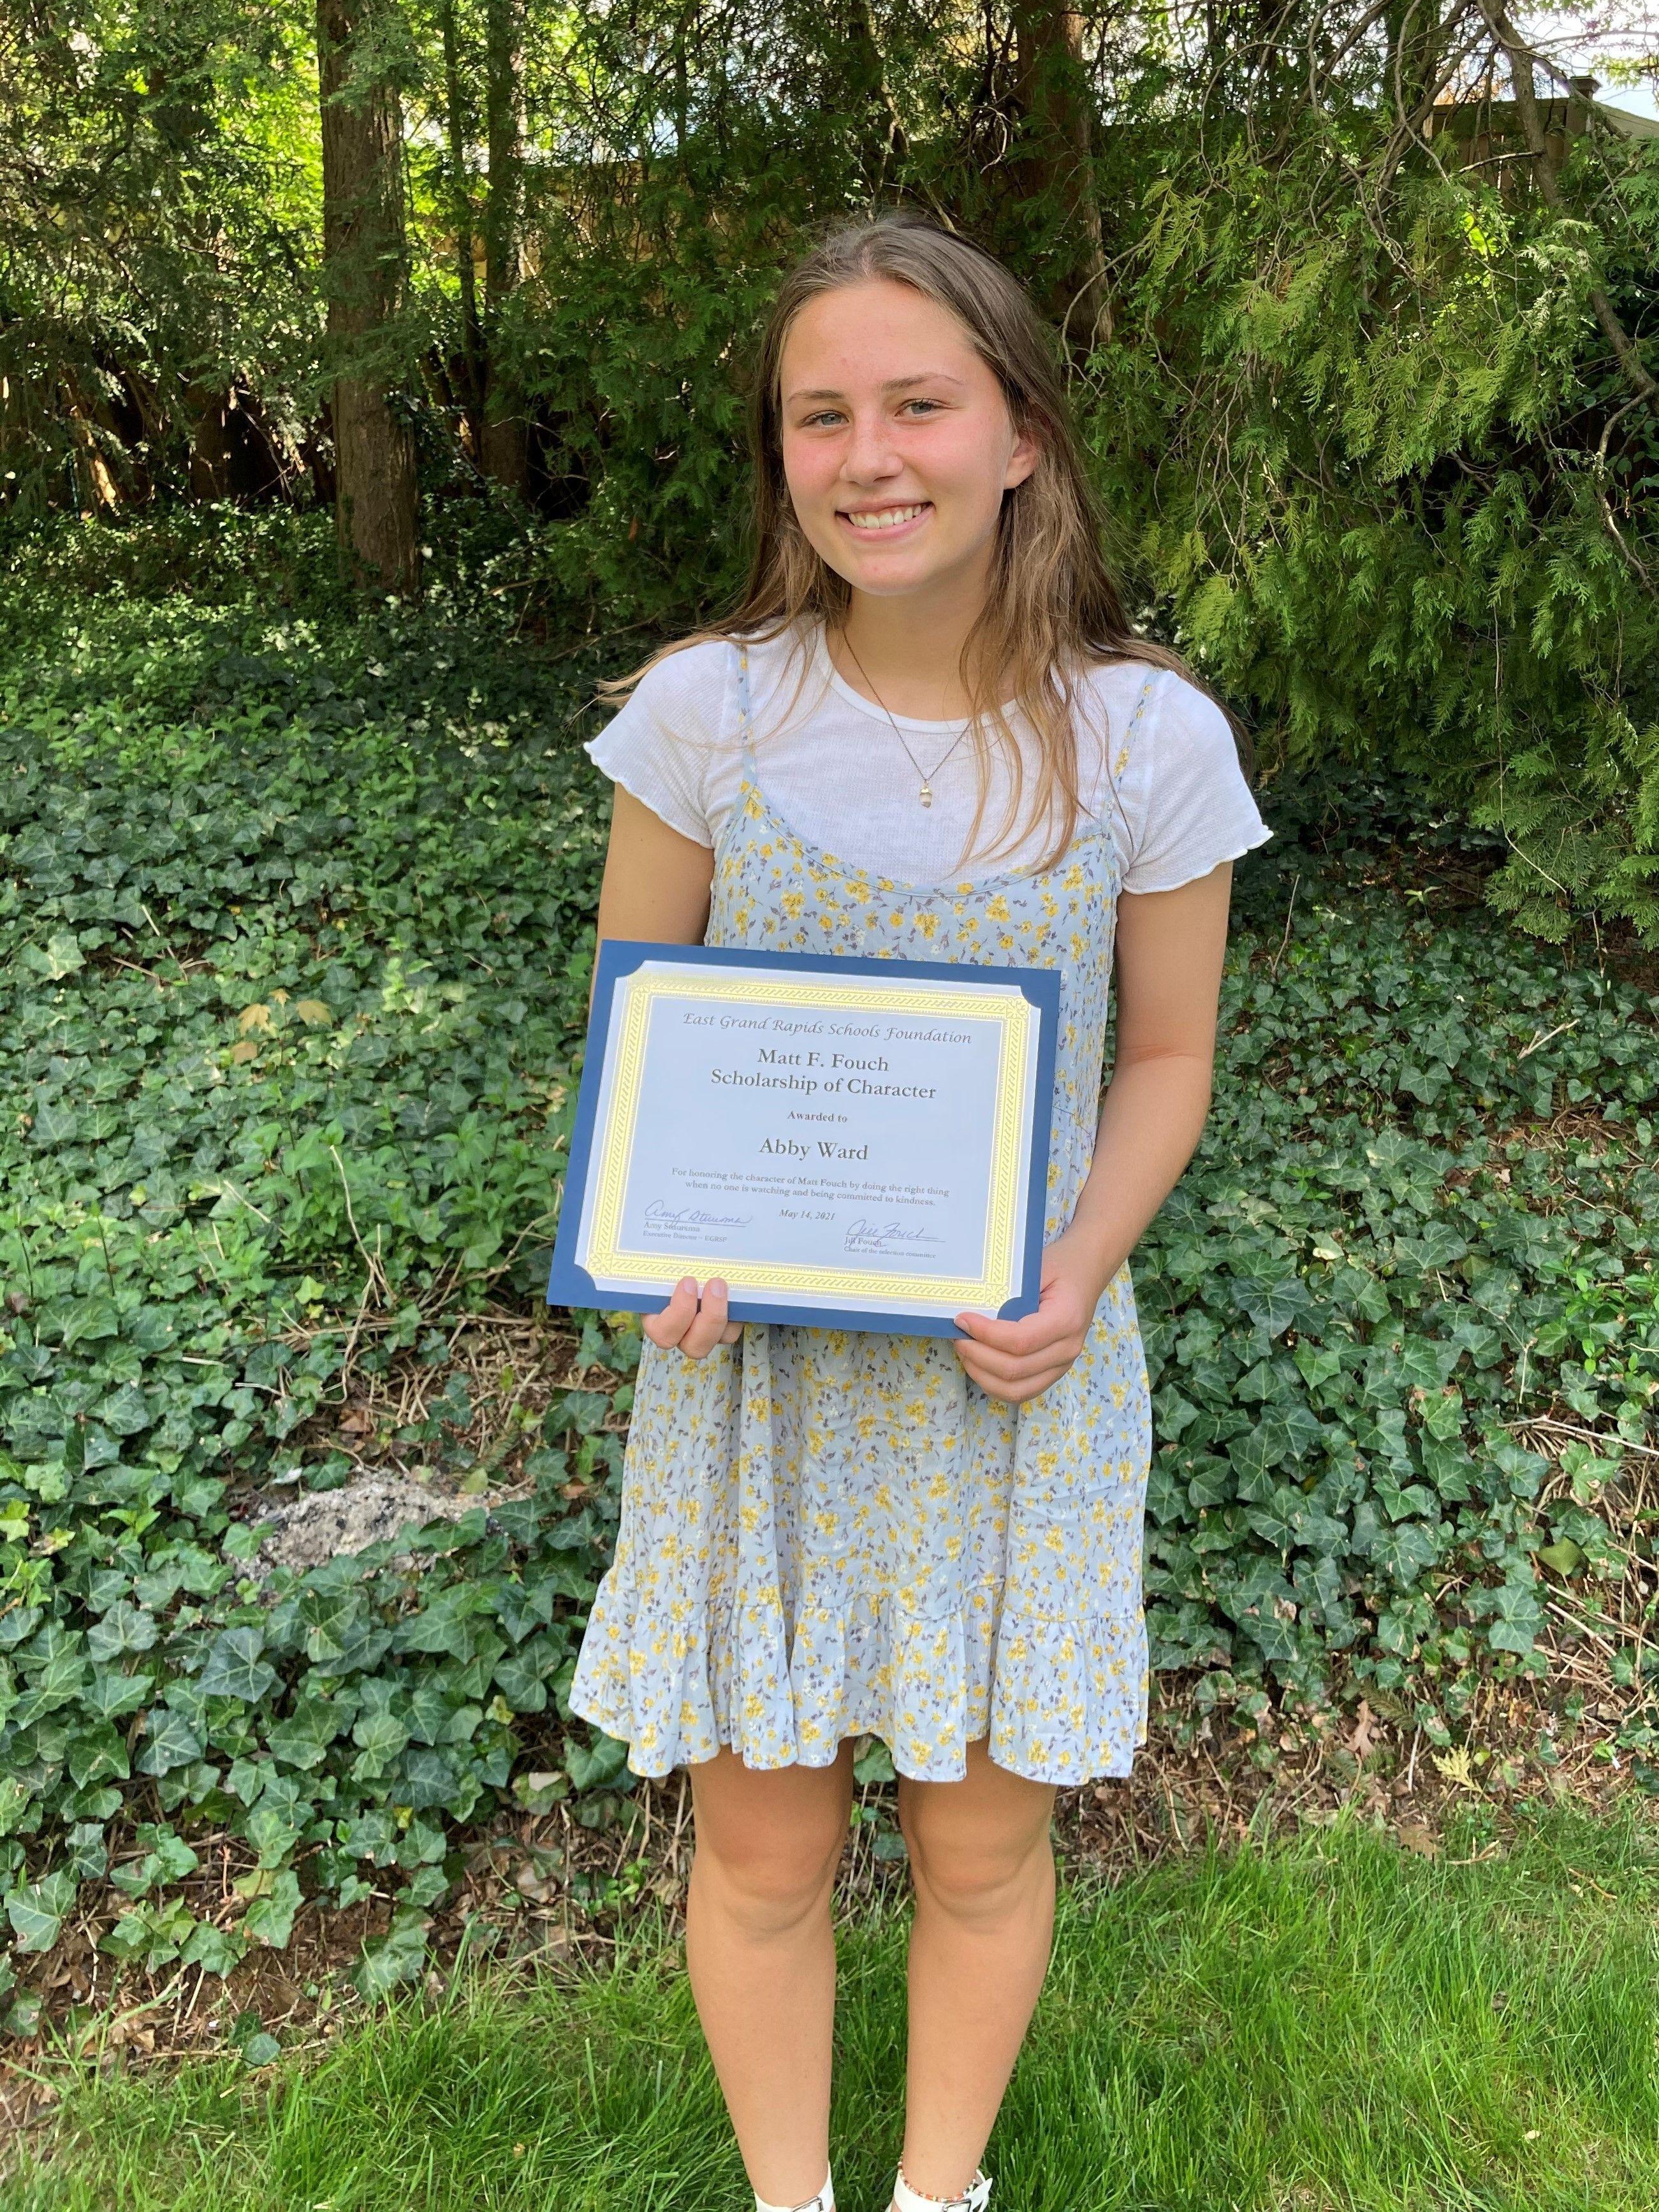 Abby Ward -  Matt F. Fouch Scholarship of Character